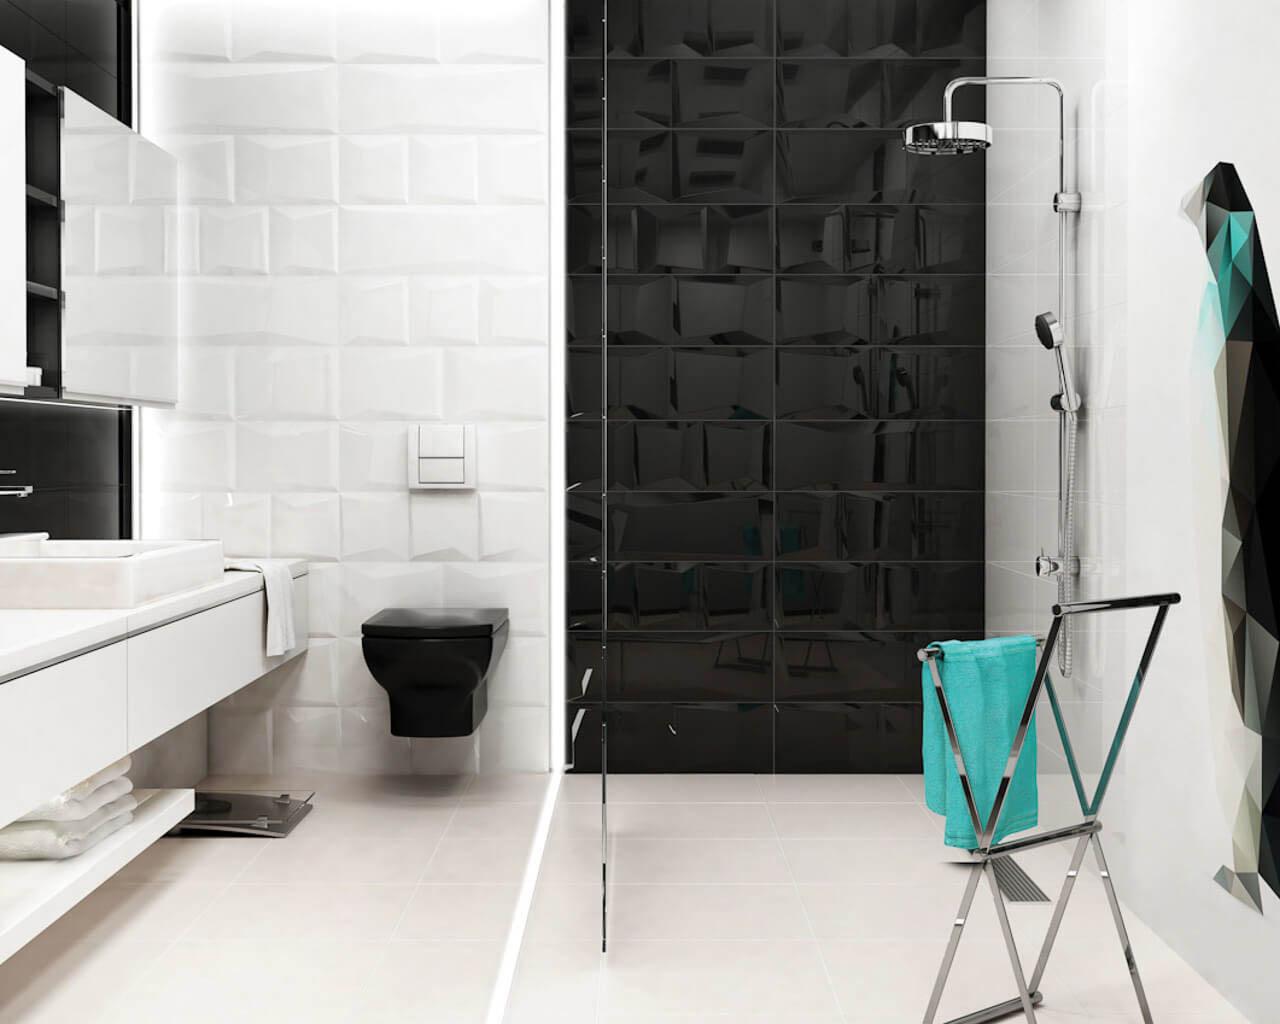 Geometryczne struktury w biało-czarnej, minimalistycznej łazience z prysznicem